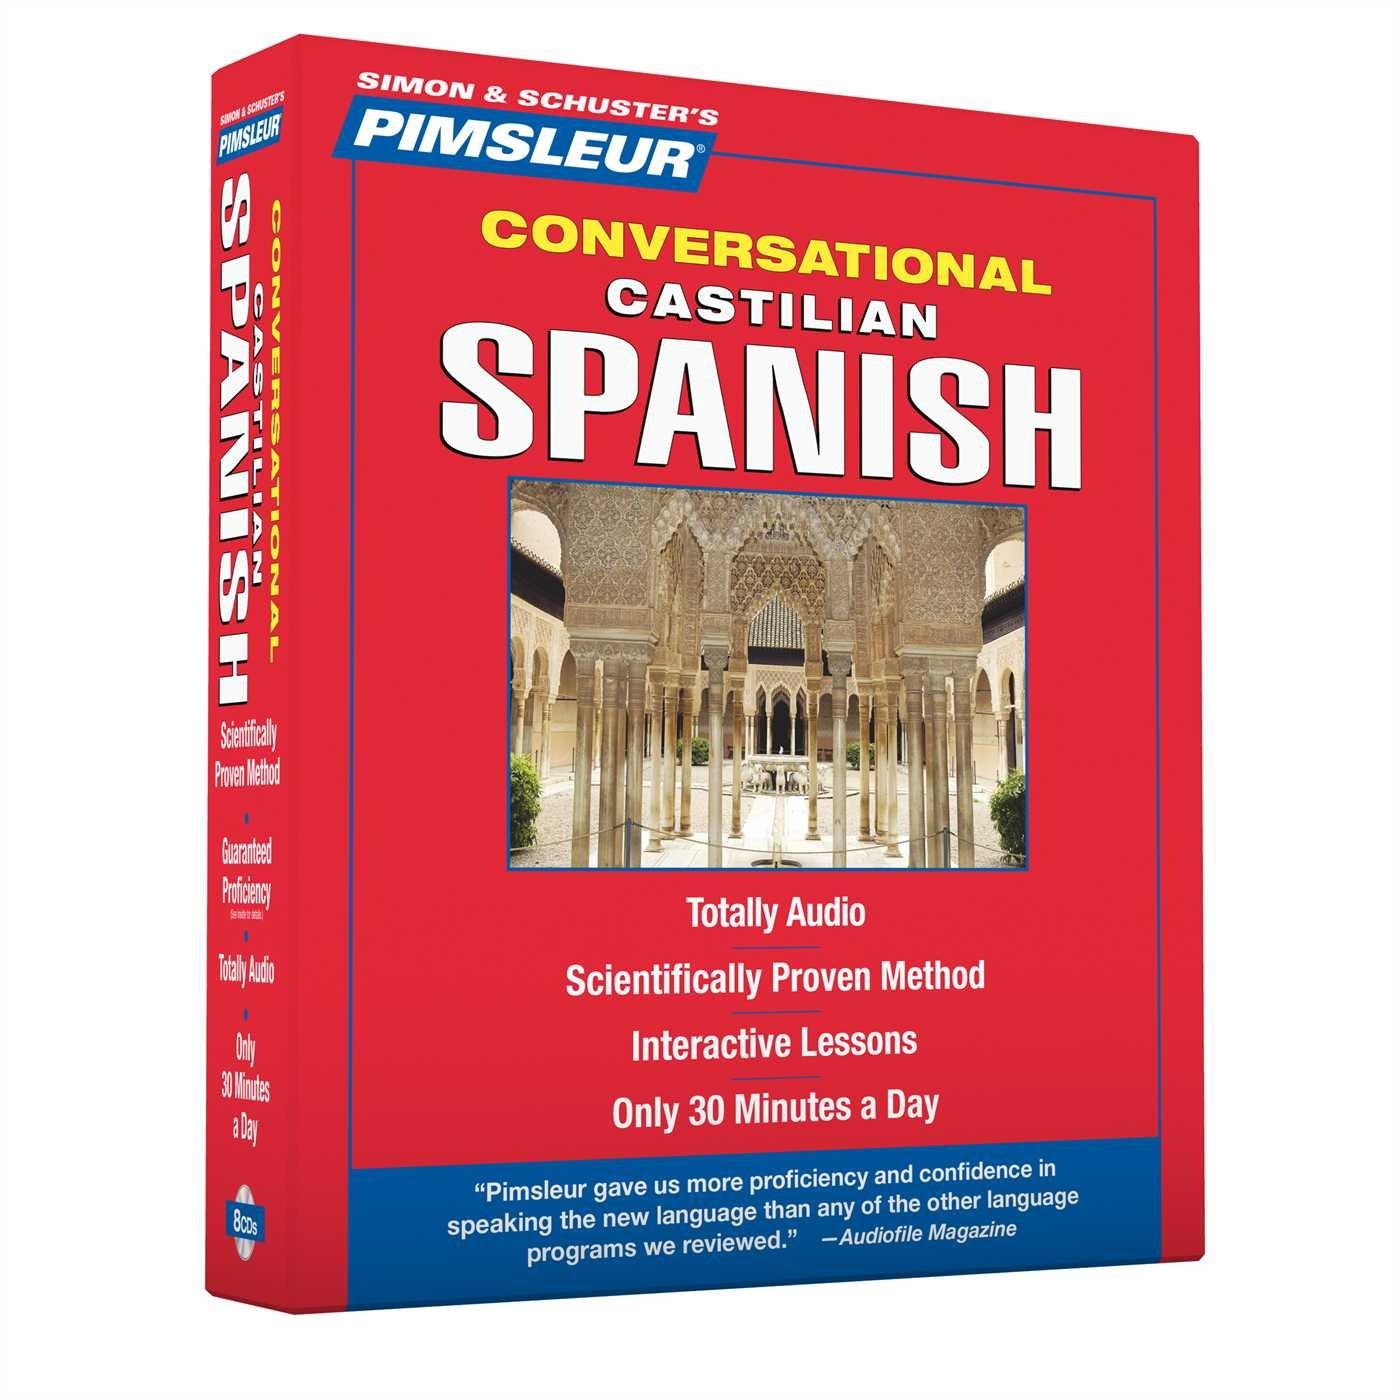 Pimsleur Spanish Castilian Conversational Course